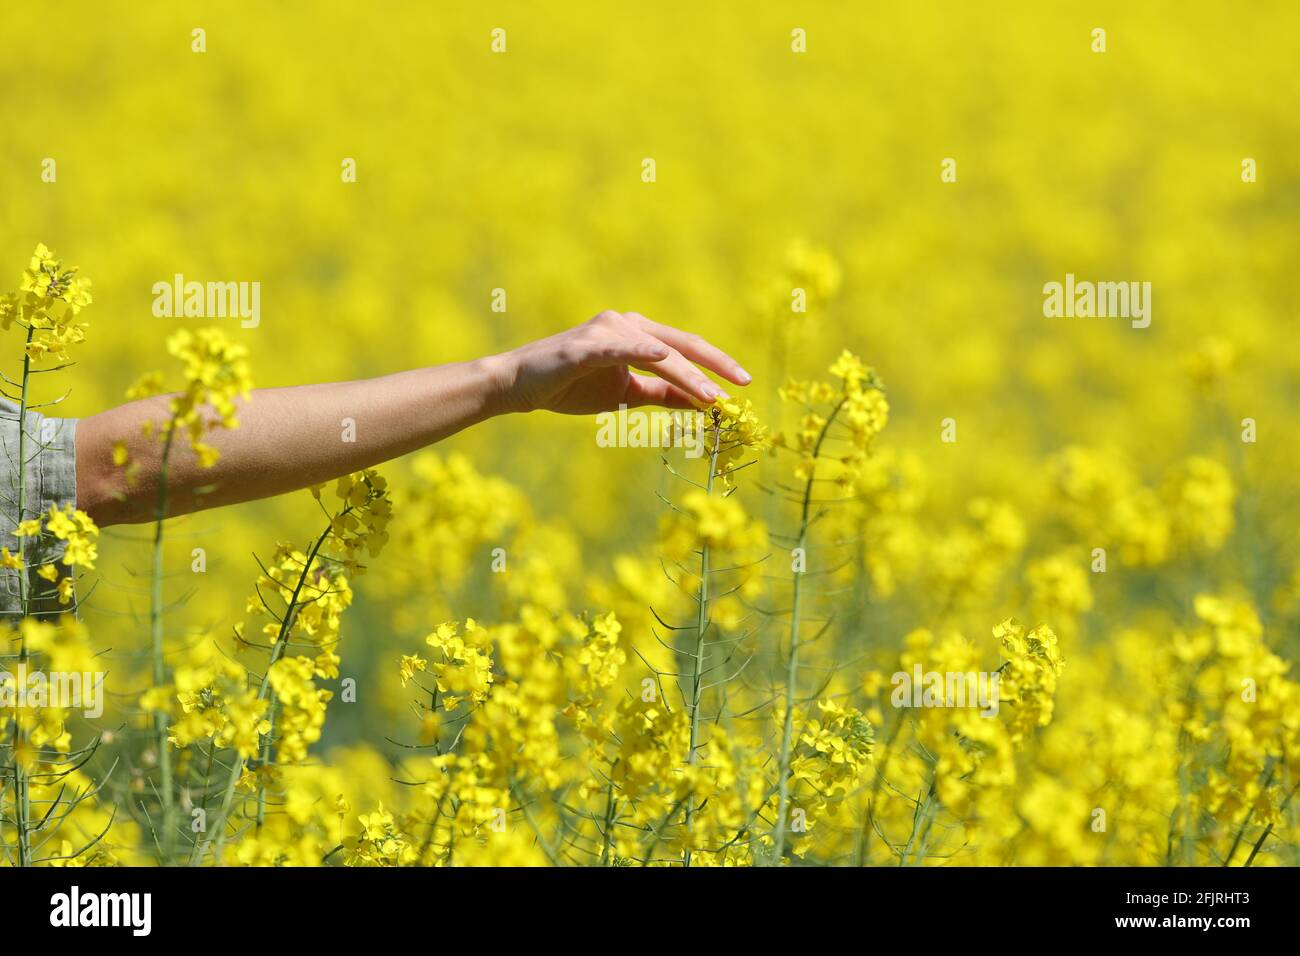 Gros plan d'une main de femme touchant des fleurs dans un champ jaune au printemps Banque D'Images